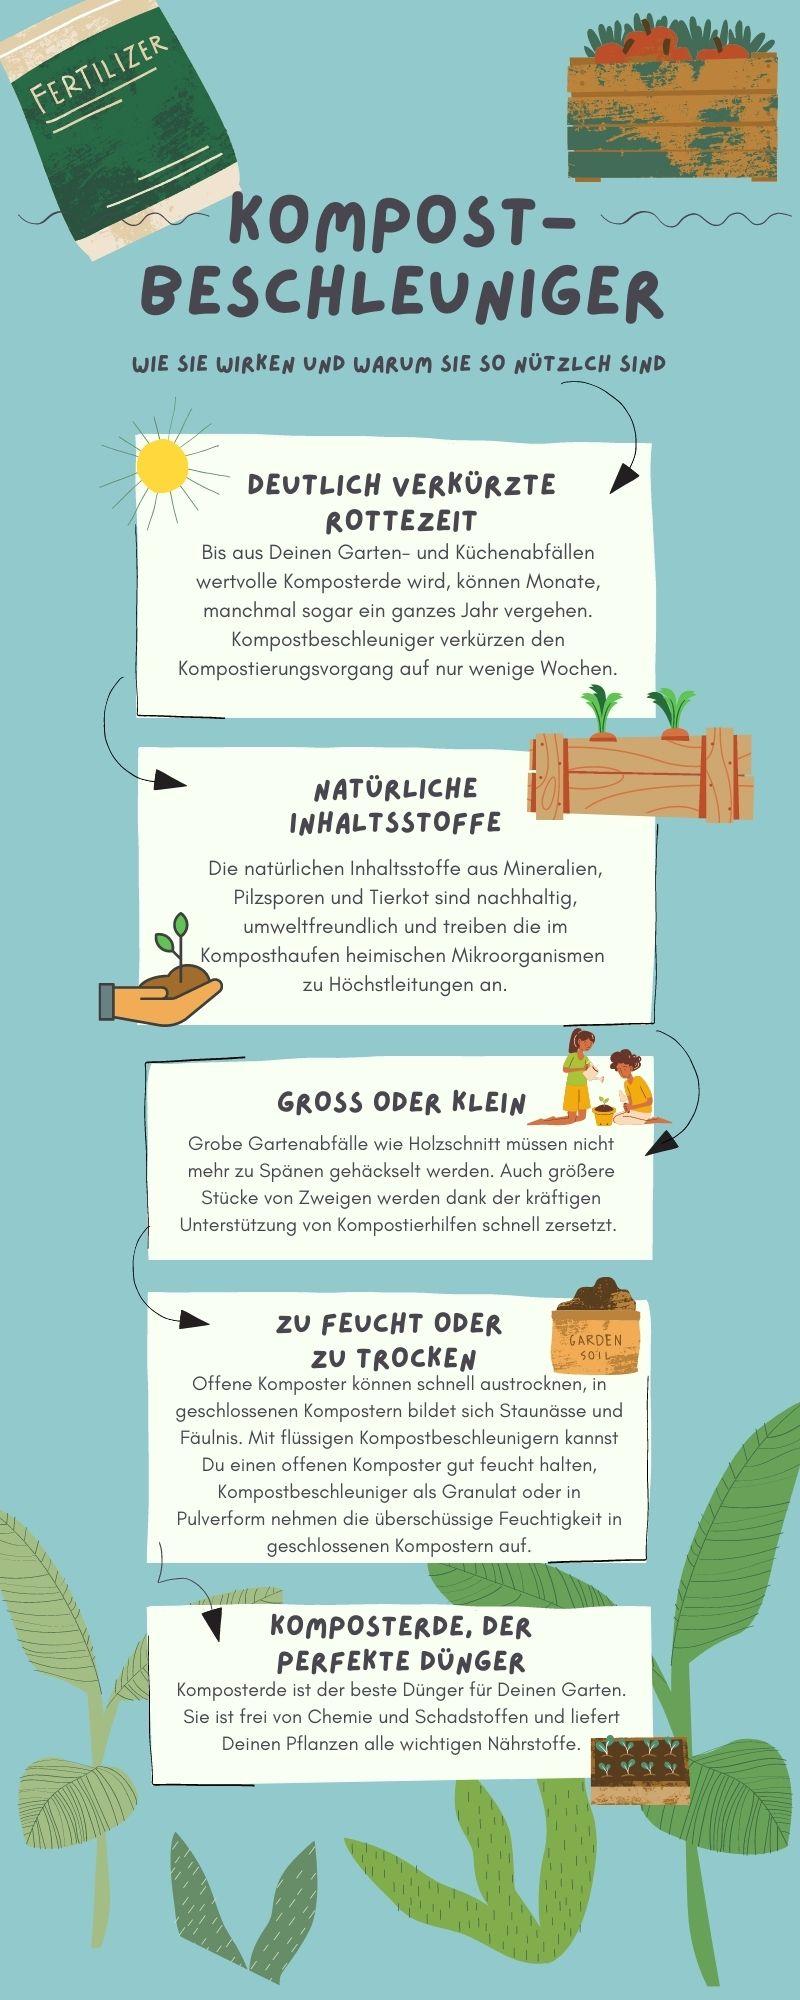 Infografik zu Kompostbeschleunigern